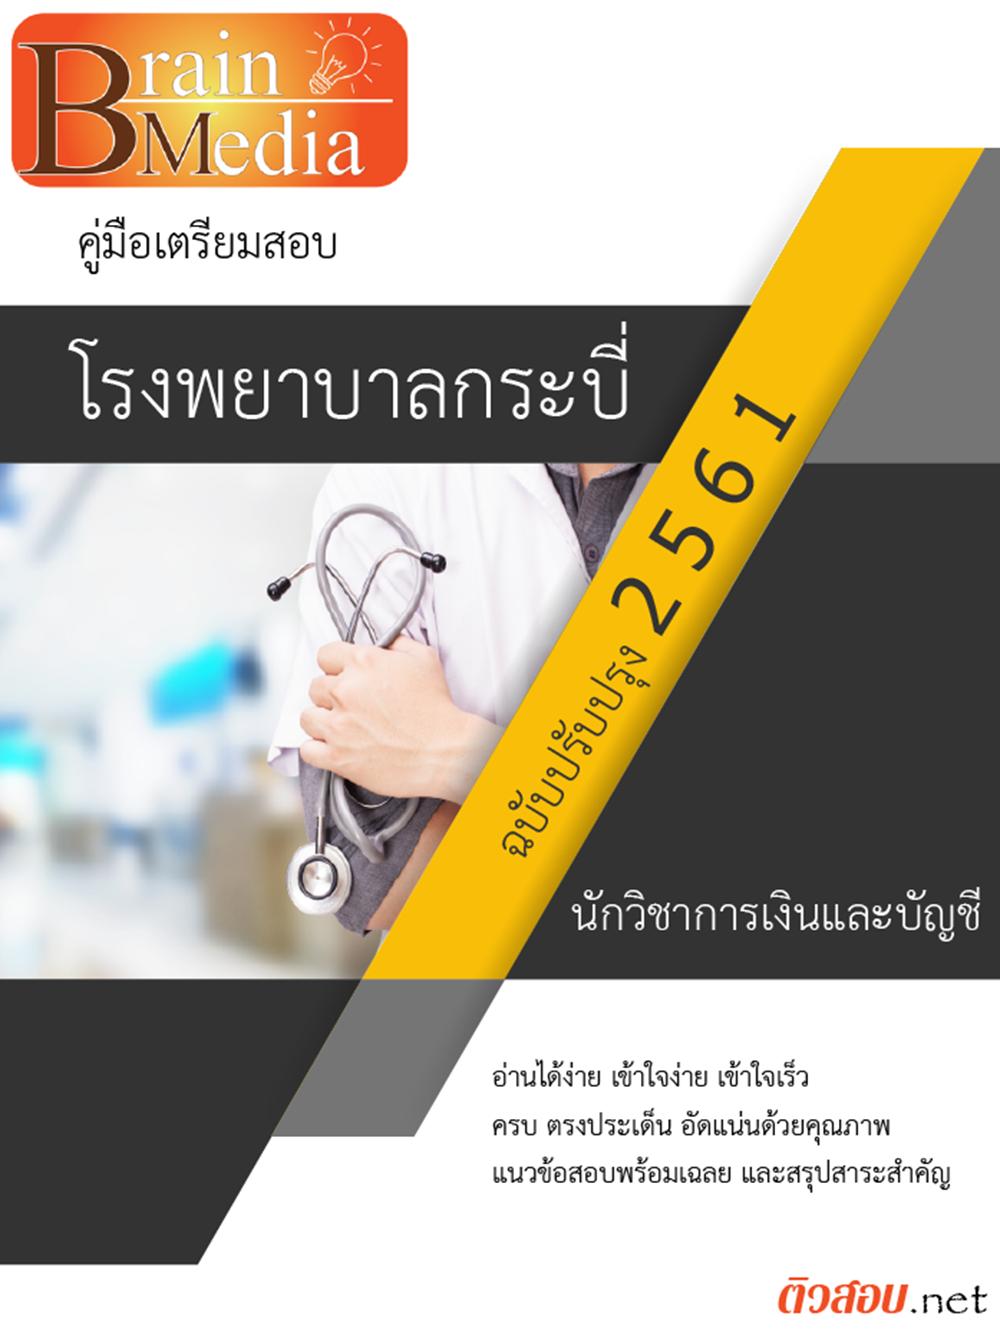 เฉลยแนวข้อสอบ นักวิชาการเงินและบัญชี โรงพยาบาลกระบี่